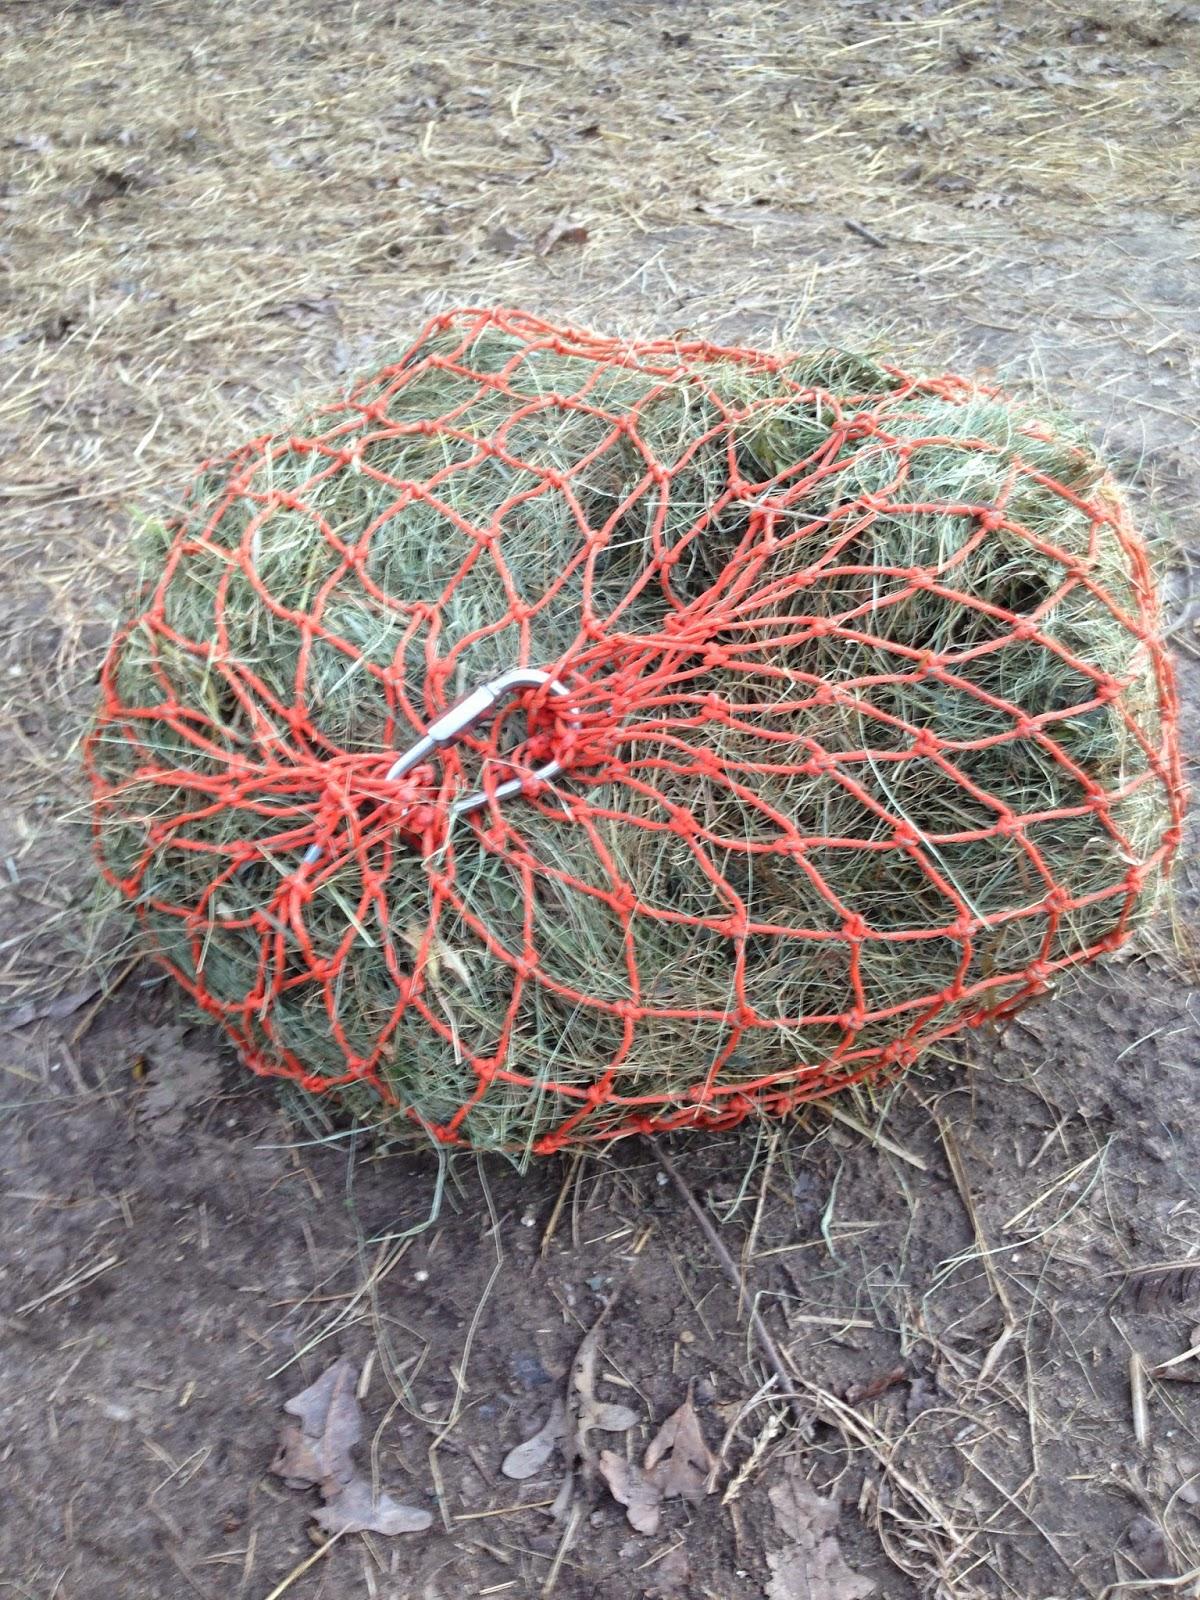 HayWeyer Slow Hay Feeders Nets Bags Feeding Horses